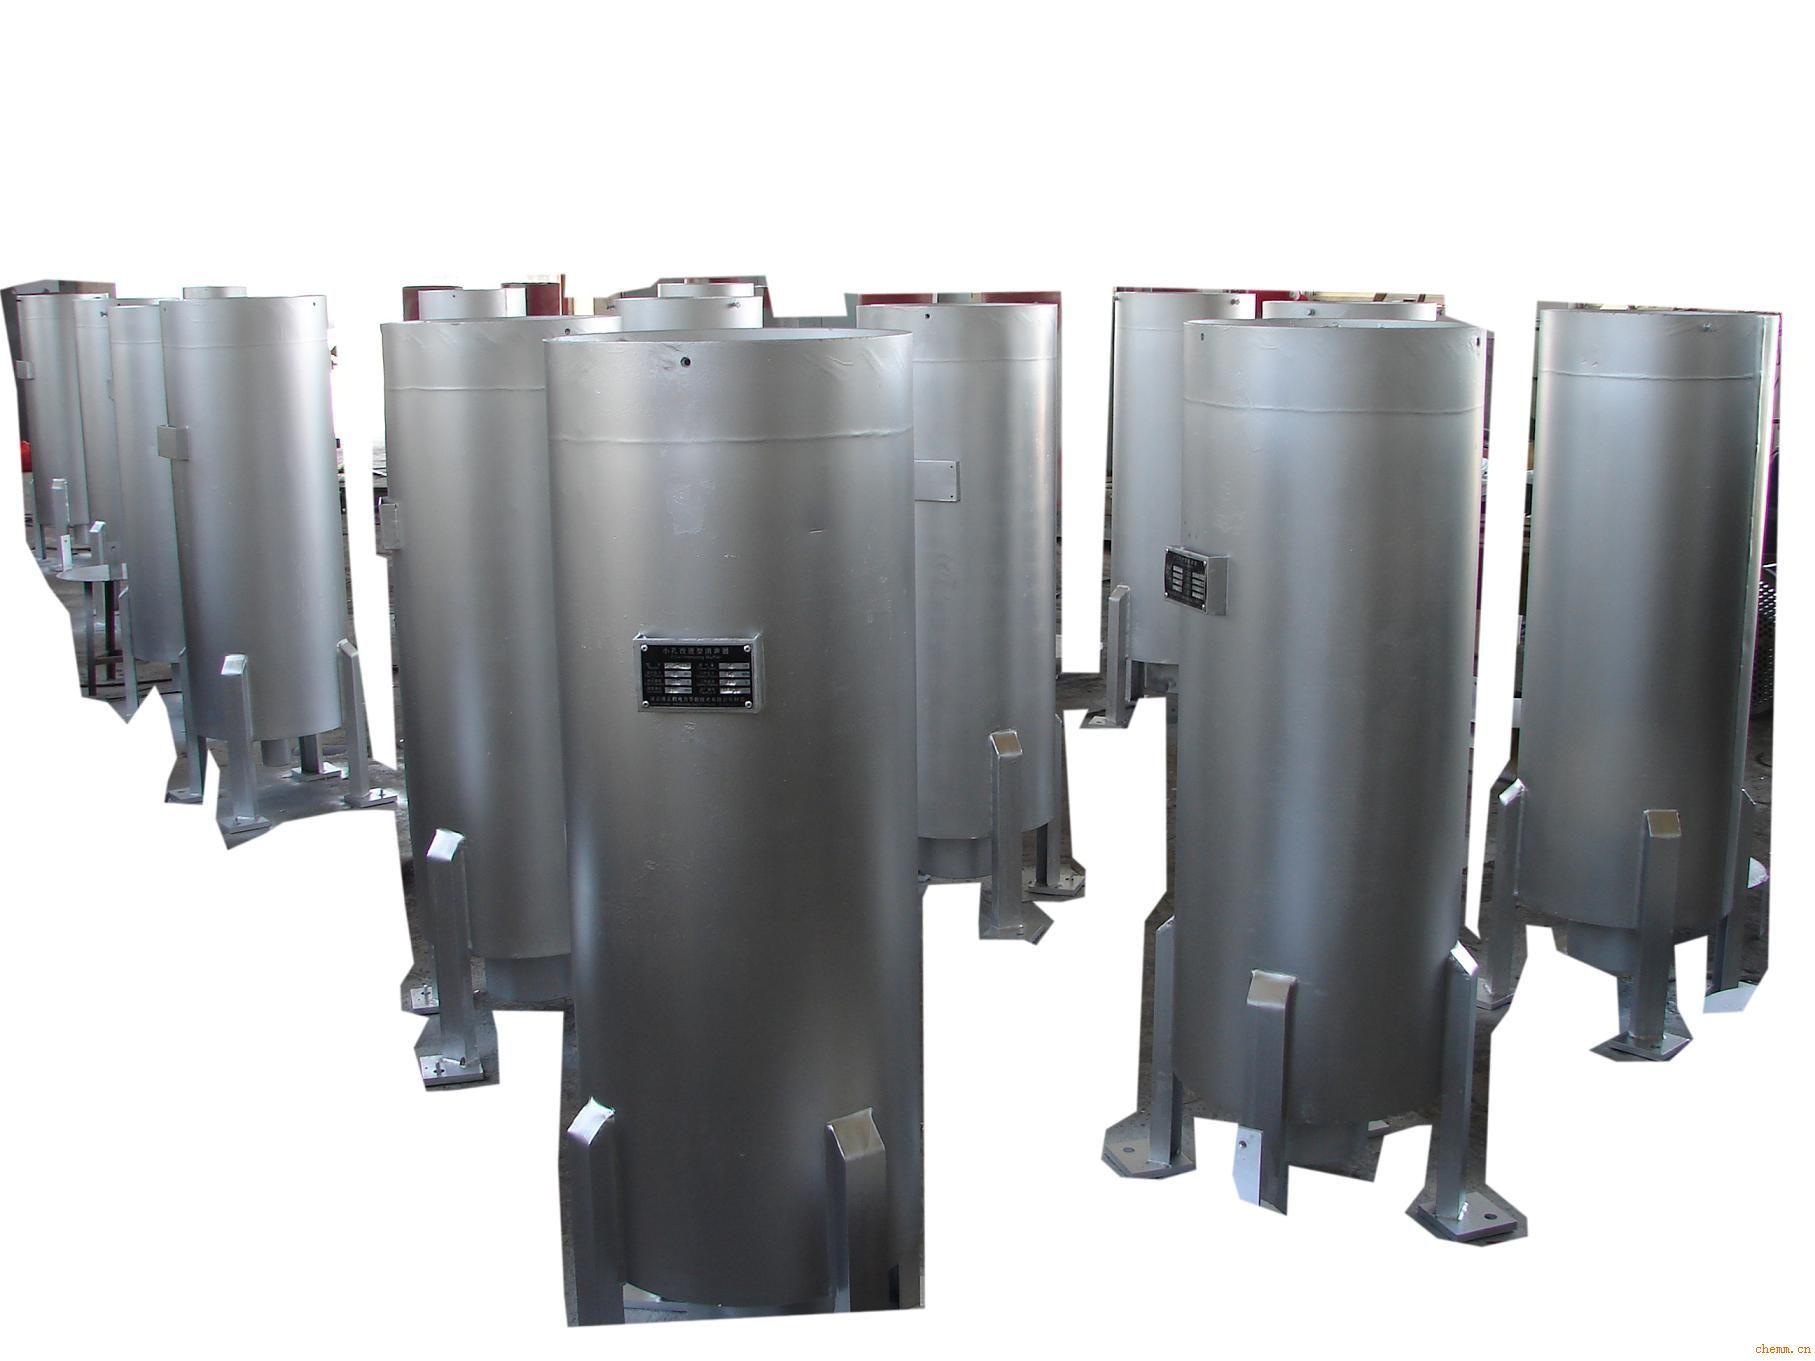 汽锅炉等有关热力设备的蒸汽排放所发出的噪声,远远超过了我国所颁布的《工业企业噪声卫生标准》规定的数值(见附录一、二)。为此,本厂生产了实用新型蒸汽消声器系列产品,主要使用与发电、化工、冶金、纺织等工业部门中的锅炉汽轮机等热力设备蒸汽排放的有效消声。